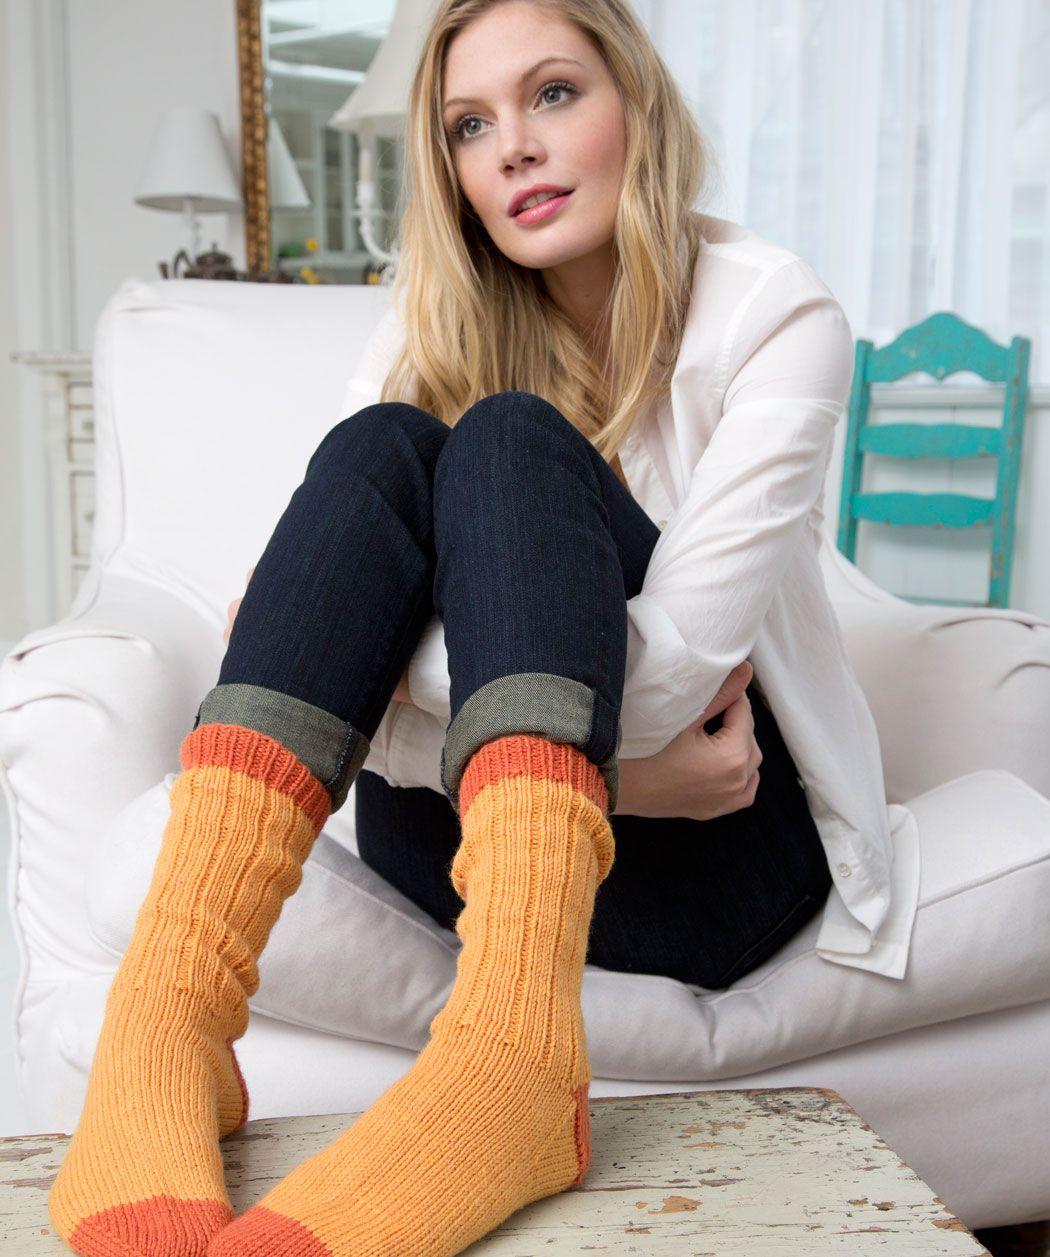 worn women's socks - 736×881